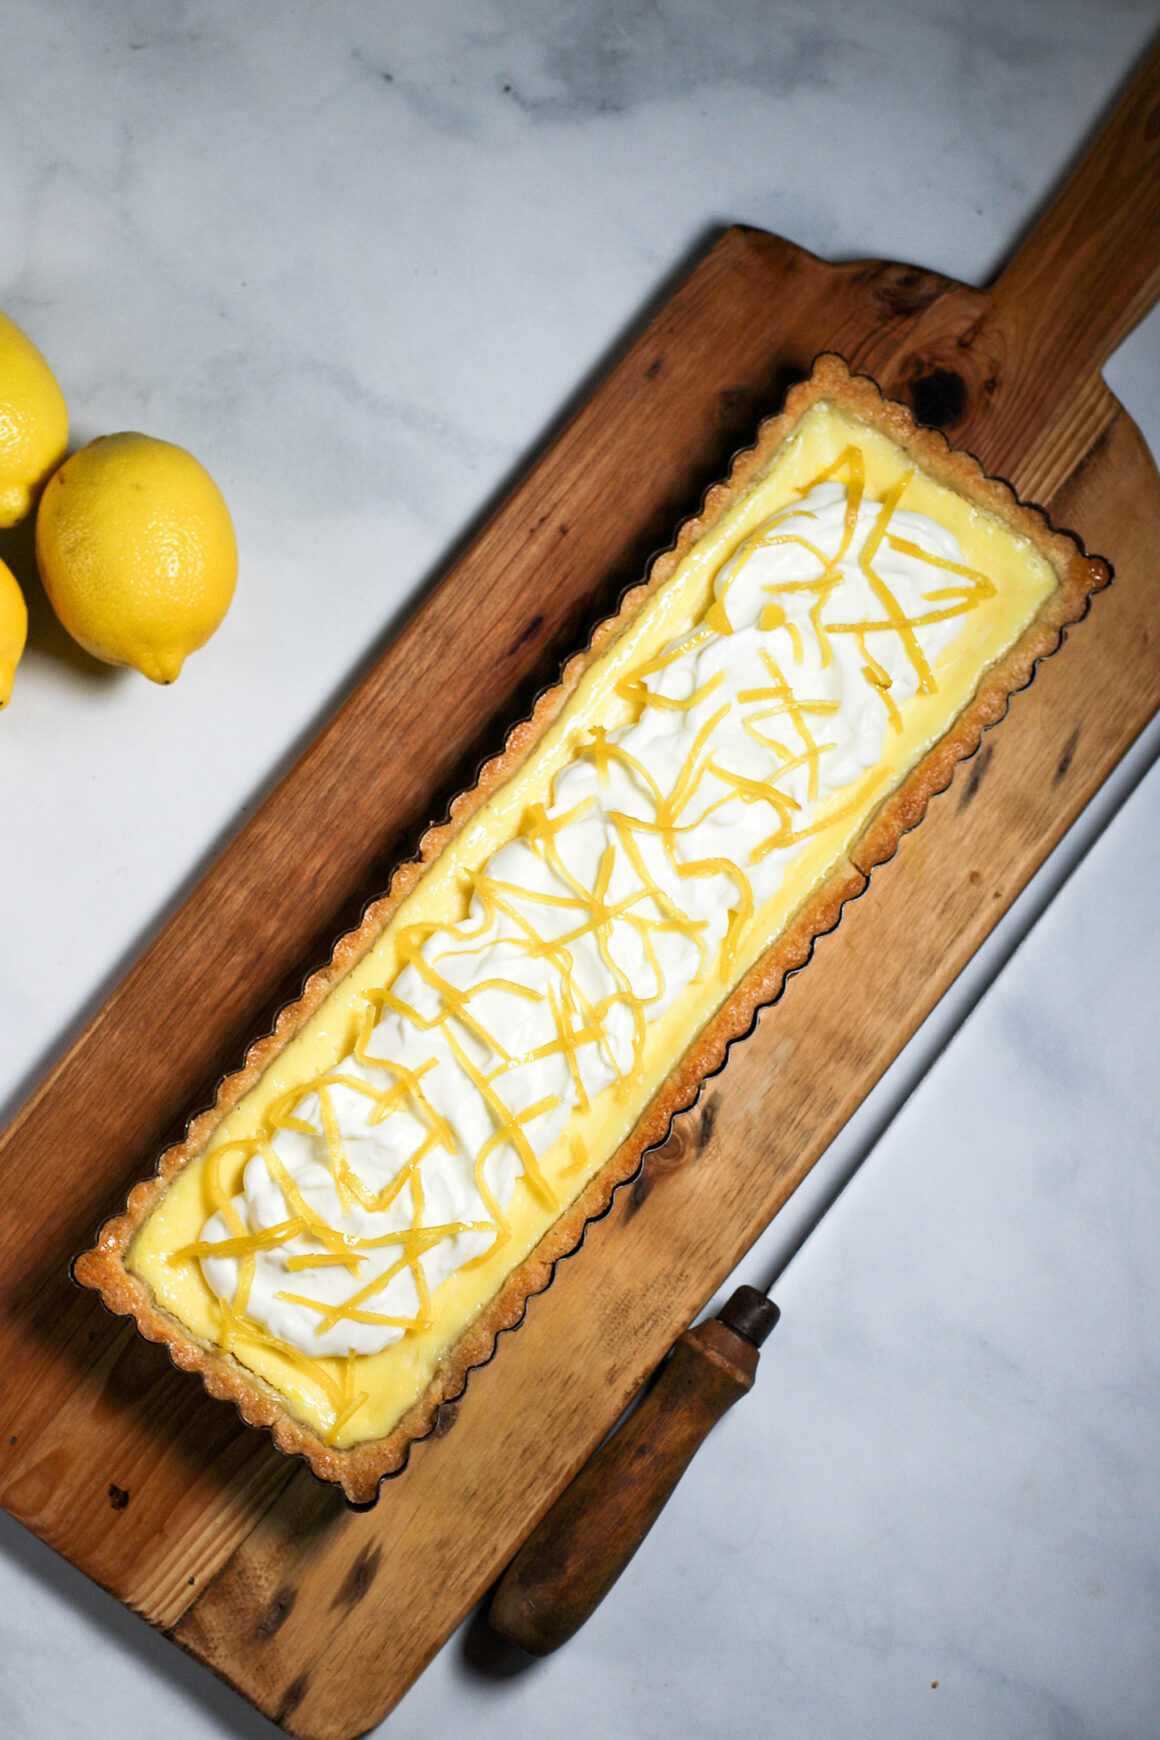 Lemon Mascarpone Tart Whole